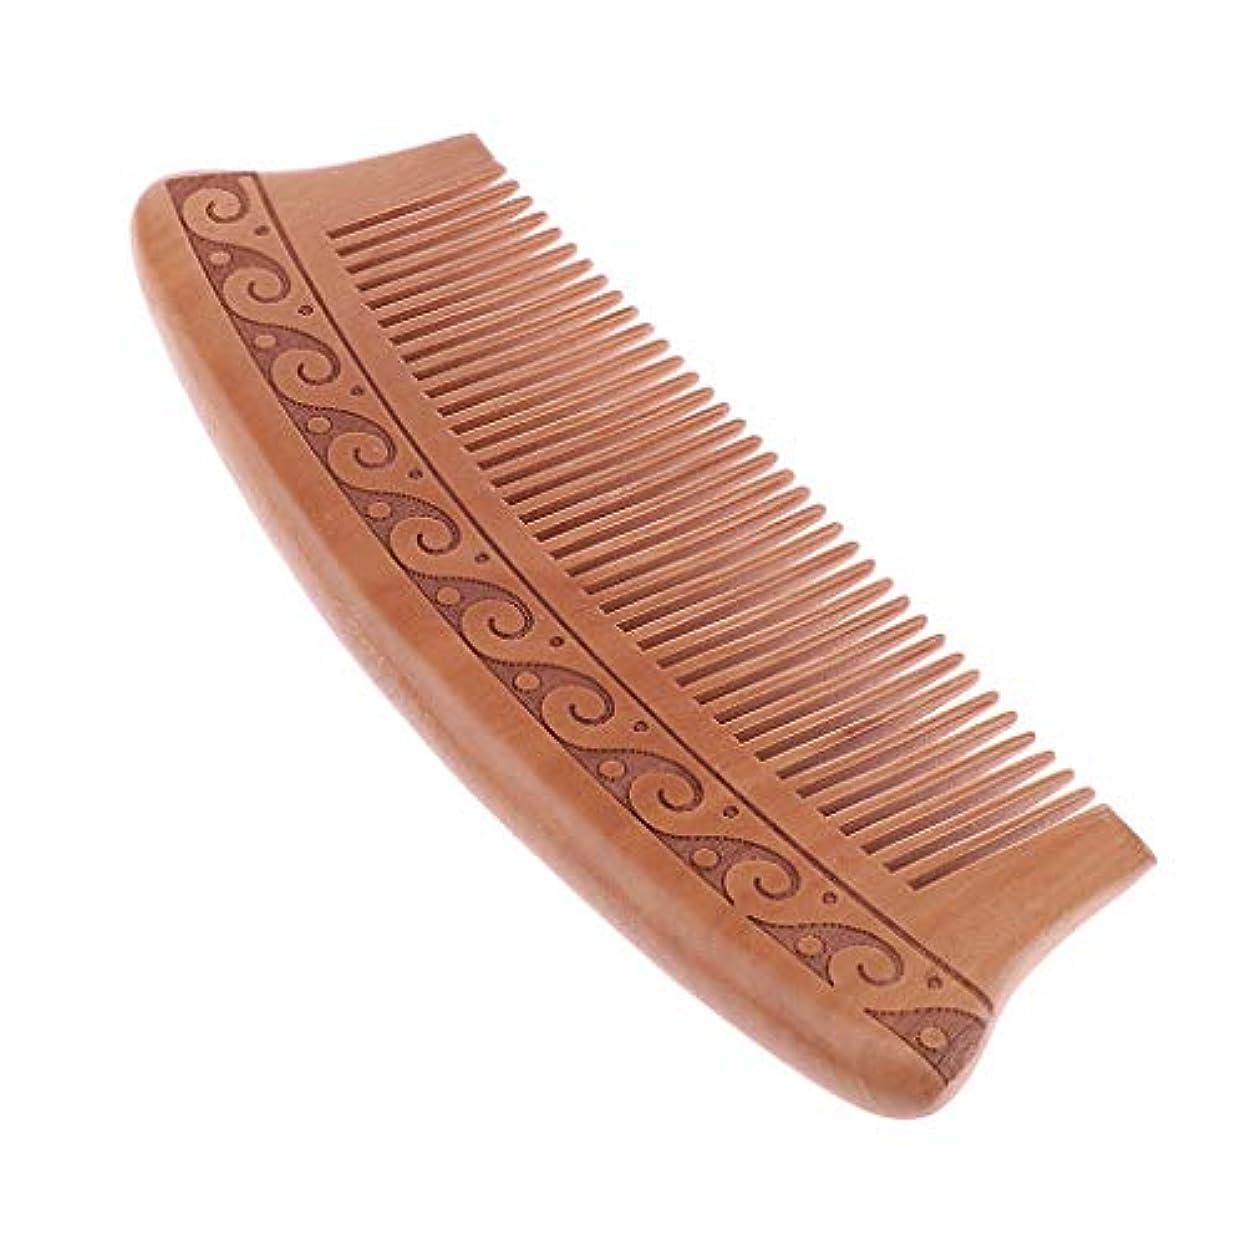 エジプト人発明申し立て木製櫛 コーム ヘアブラシ 静電気防止 エコ ヘアサロン 自宅用 5タイプ選べ - J16d